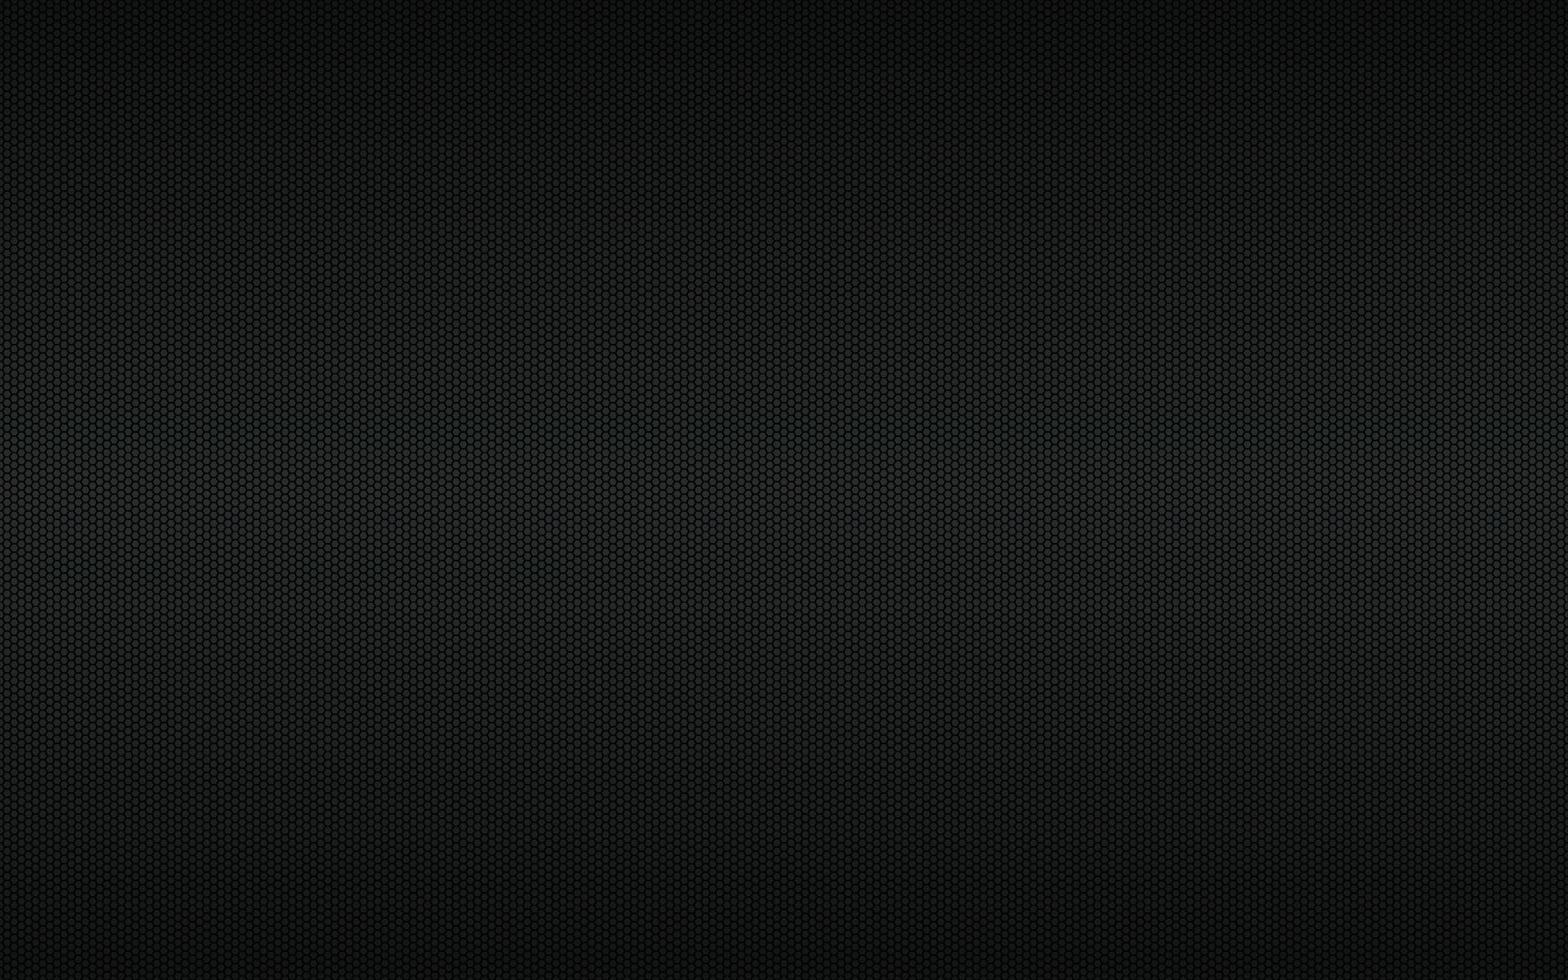 sfondo geometrico nero moderno ad alta risoluzione con griglia poligonale. modello esagonale metallico nero astratto. semplice illustrazione vettoriale